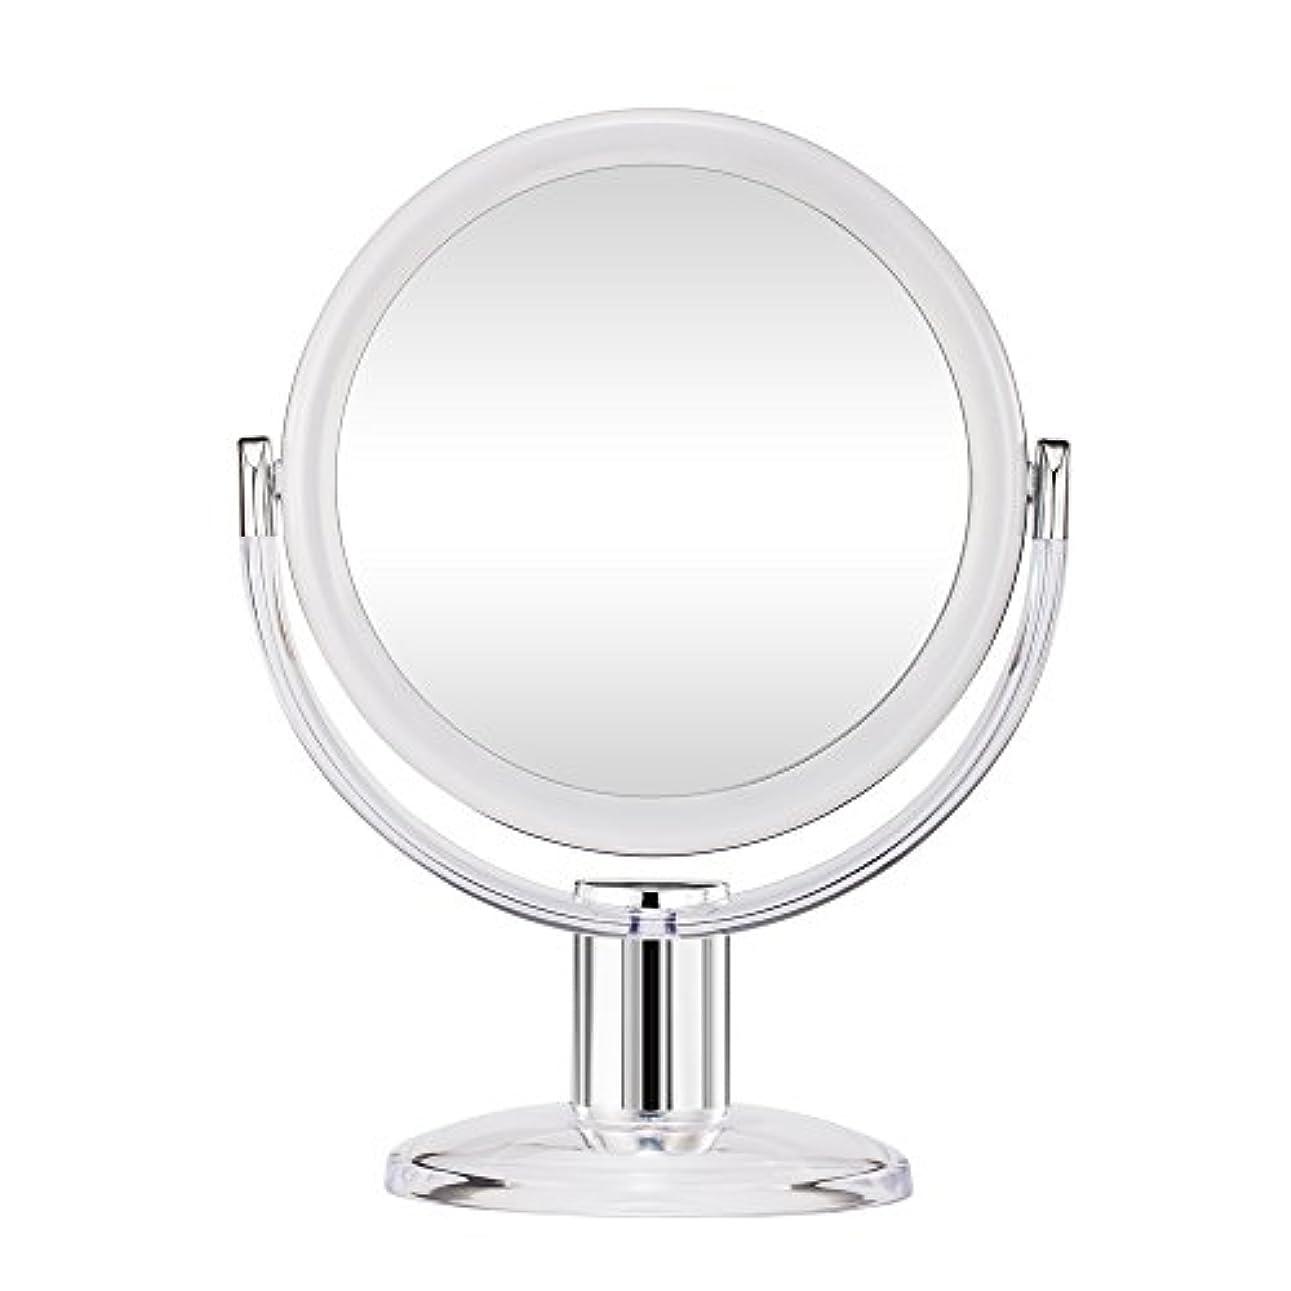 うねる論理的説明するGotofine スタンドミラー 卓上鏡 両面鏡 10倍と等倍 透明 アクリル樹脂 おしゃれ 円型